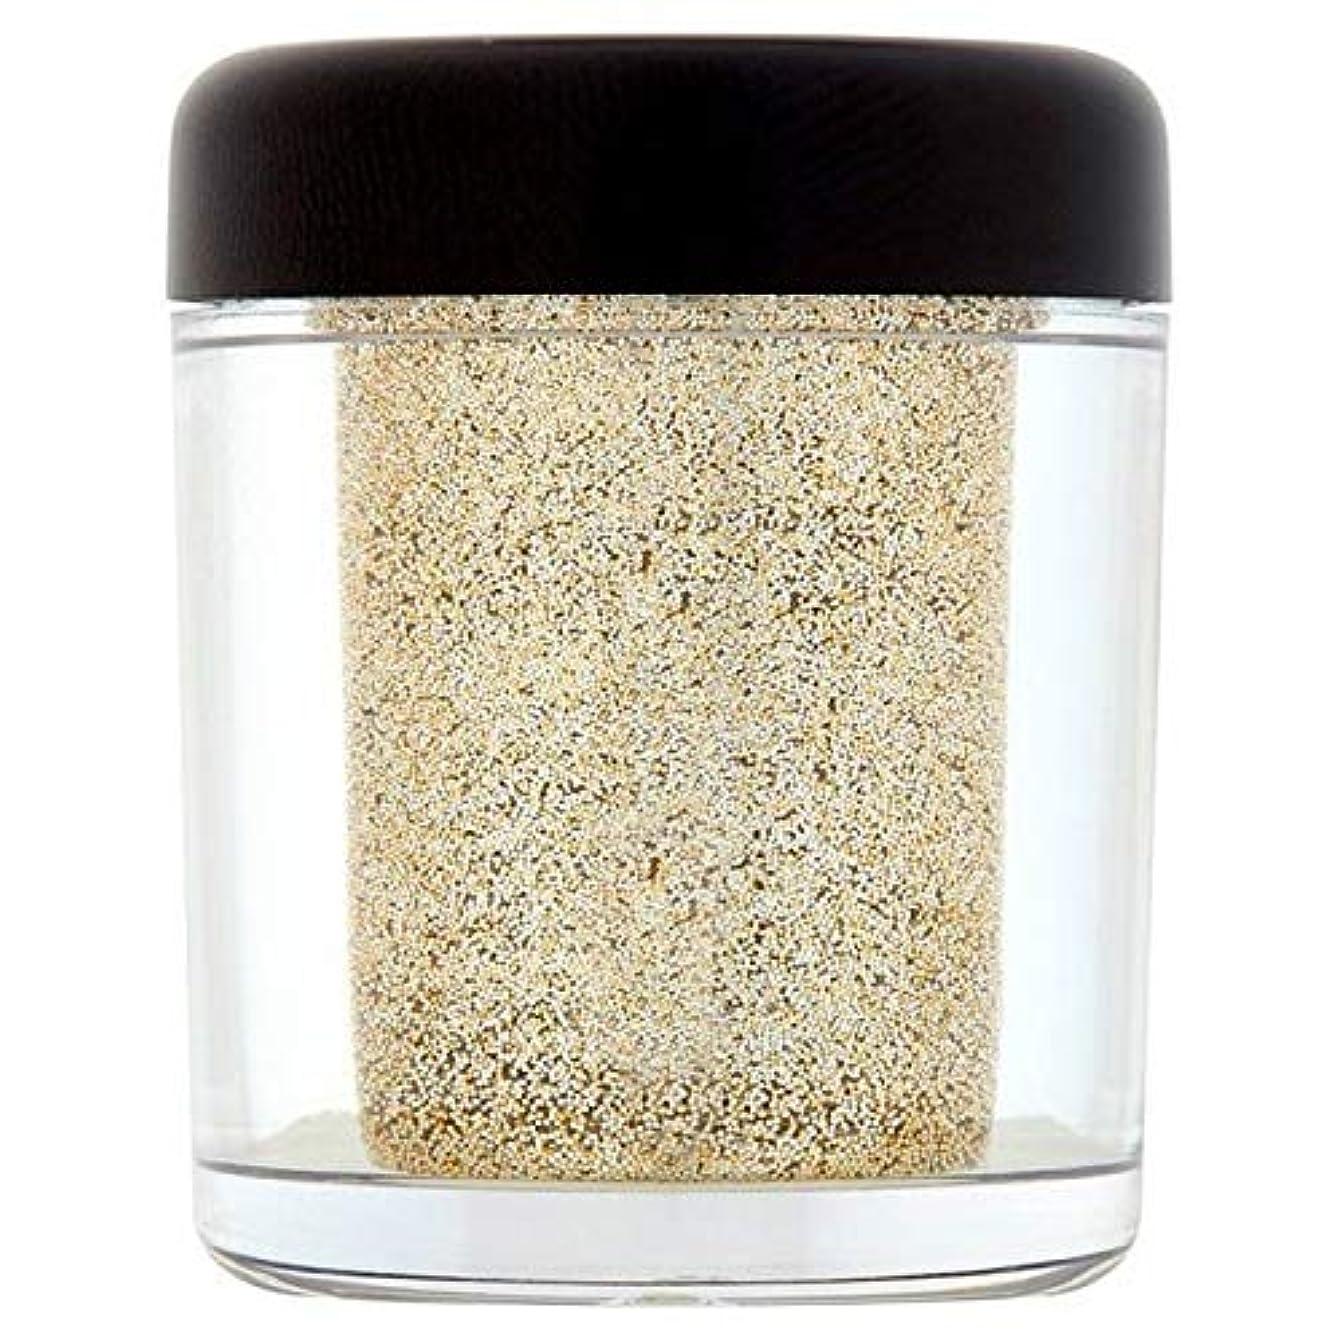 暫定コートダイバー[Collection ] 収集グラムの結晶は、フェイス&ボディグリッター金目当ての女3 - Collection Glam Crystals Face & Body Glitter Gold Digger 3 [並行輸入品]